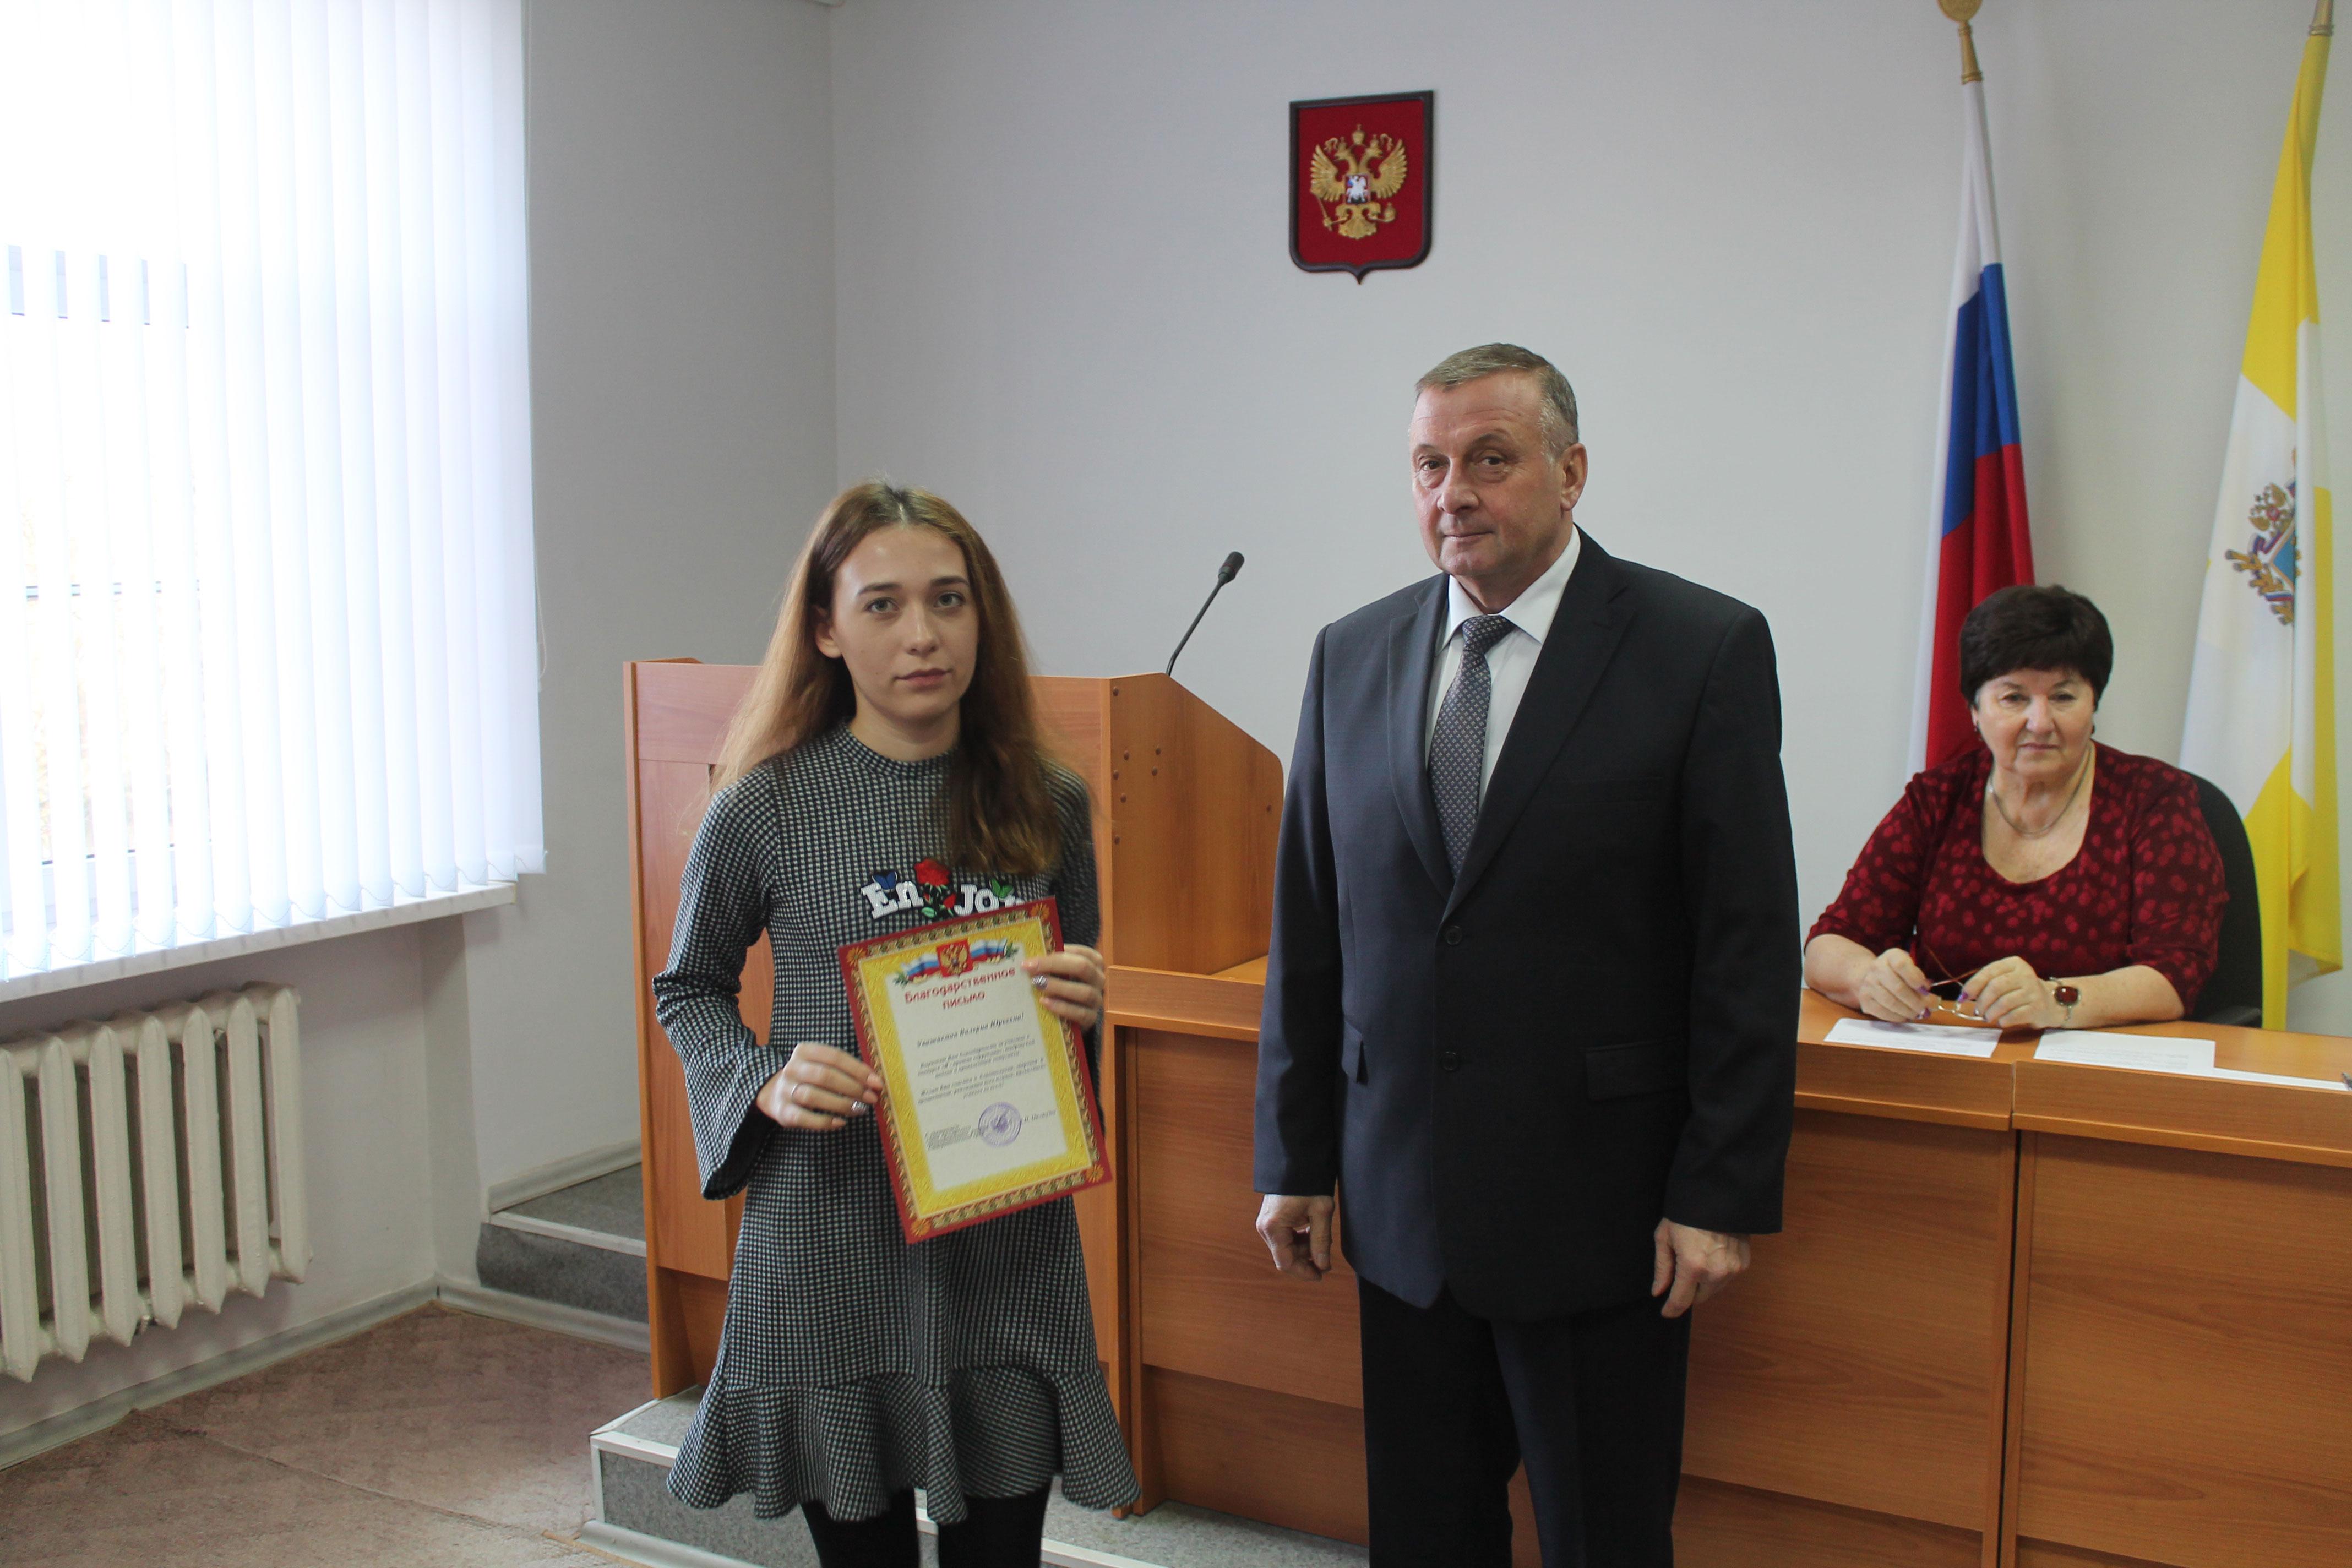 Общественный совет Арзгирского муниципального района: итоги года, планы на будущее и поддержка Губернатора